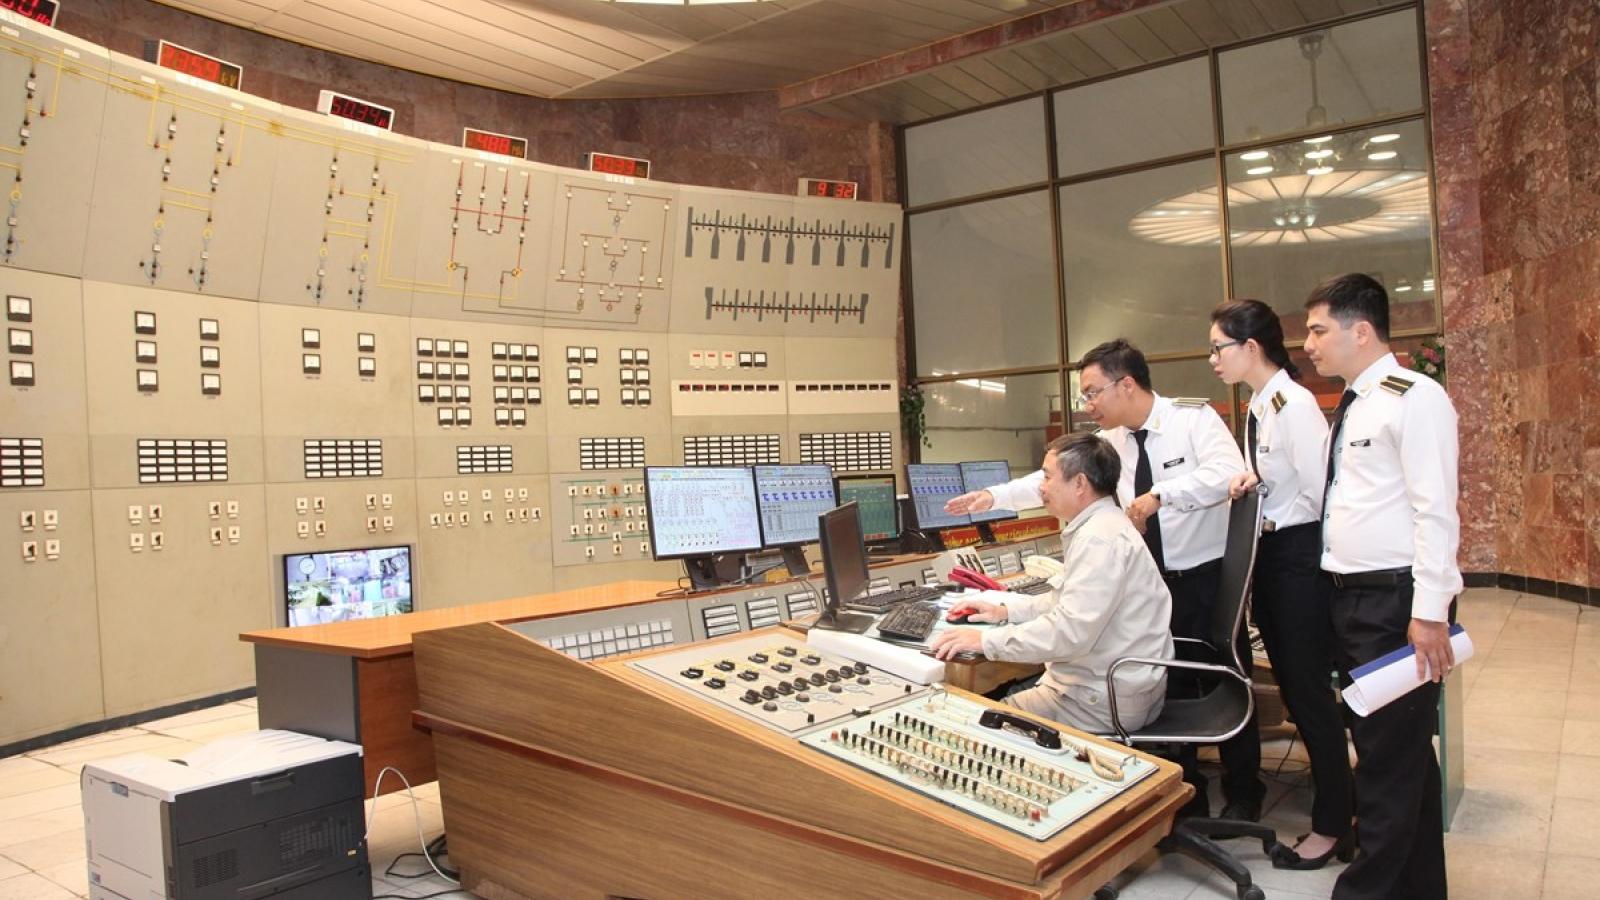 Kiểm toán Nhà nước dừng tất cả hoạt động kiểm toán tại Hà Nội do Covid-19